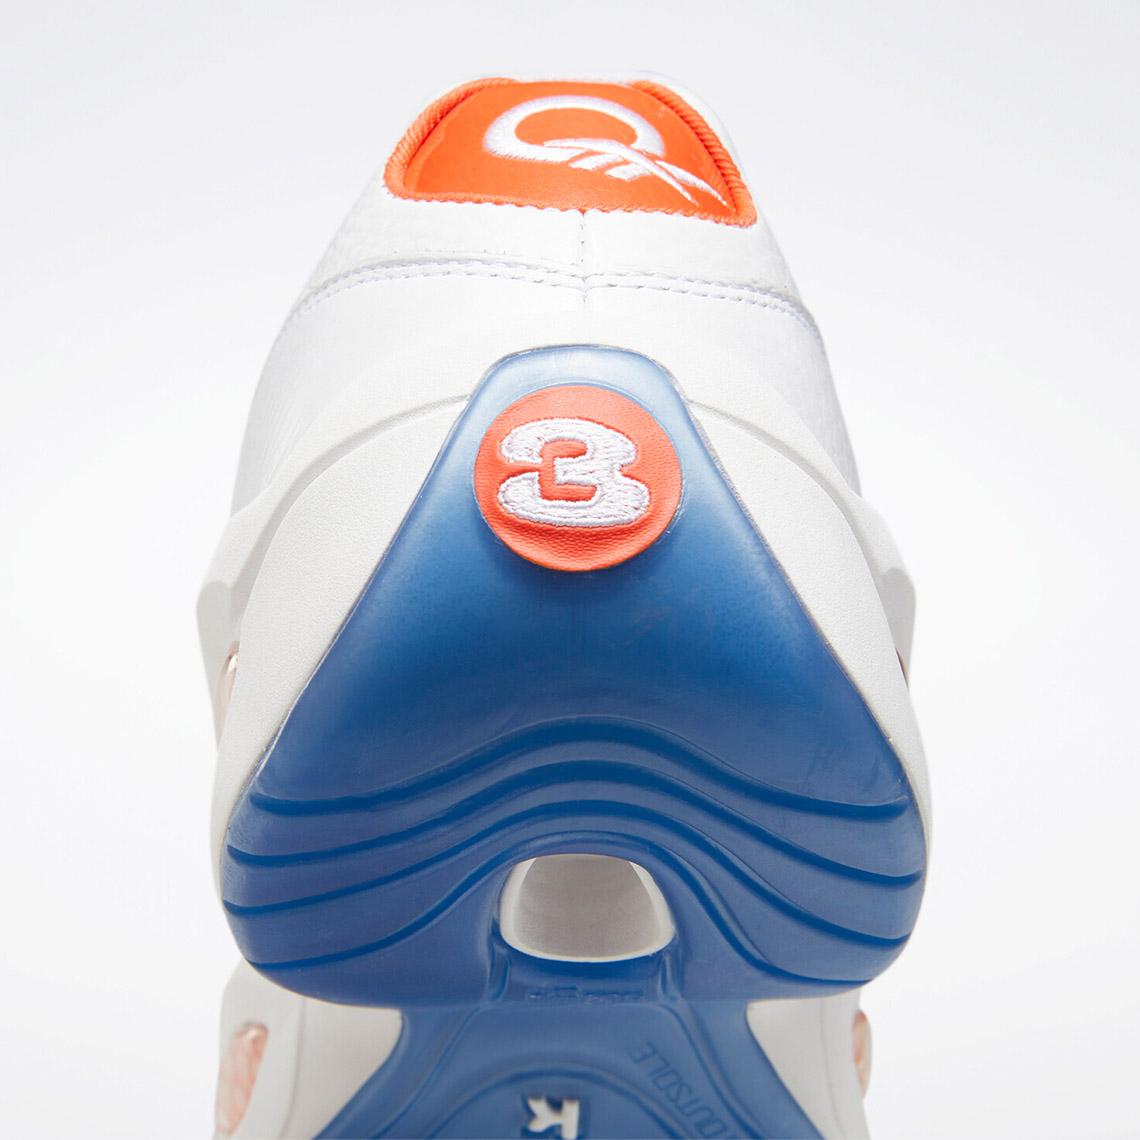 5 phát hành giày thể thao ấn tượng sắp ra mắt (11- 18/6/2020)-21